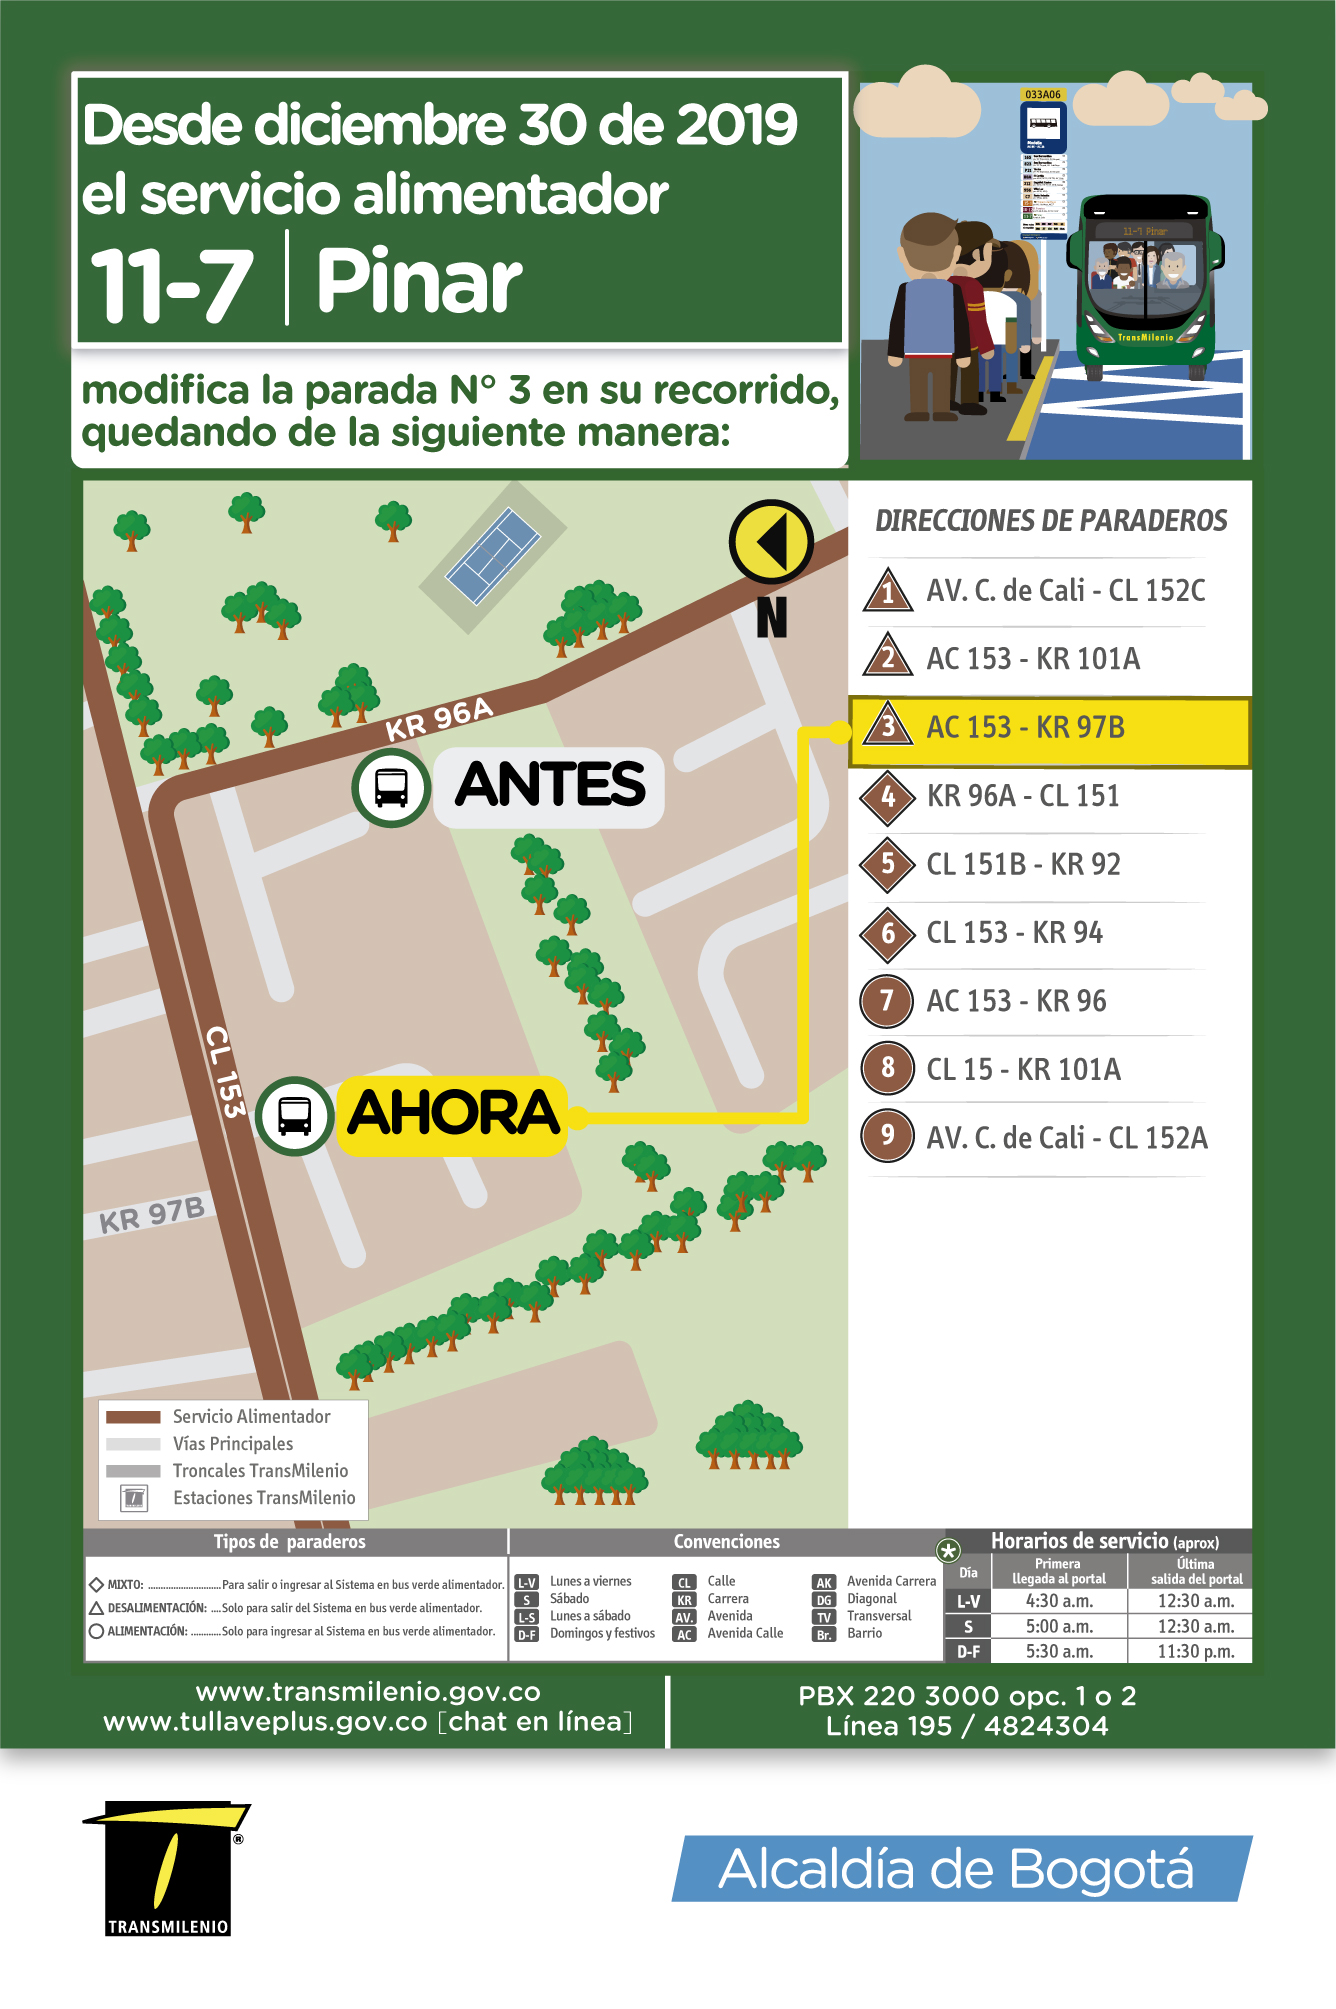 Mapa de la ruta 11-7 con la novedad en su paradero